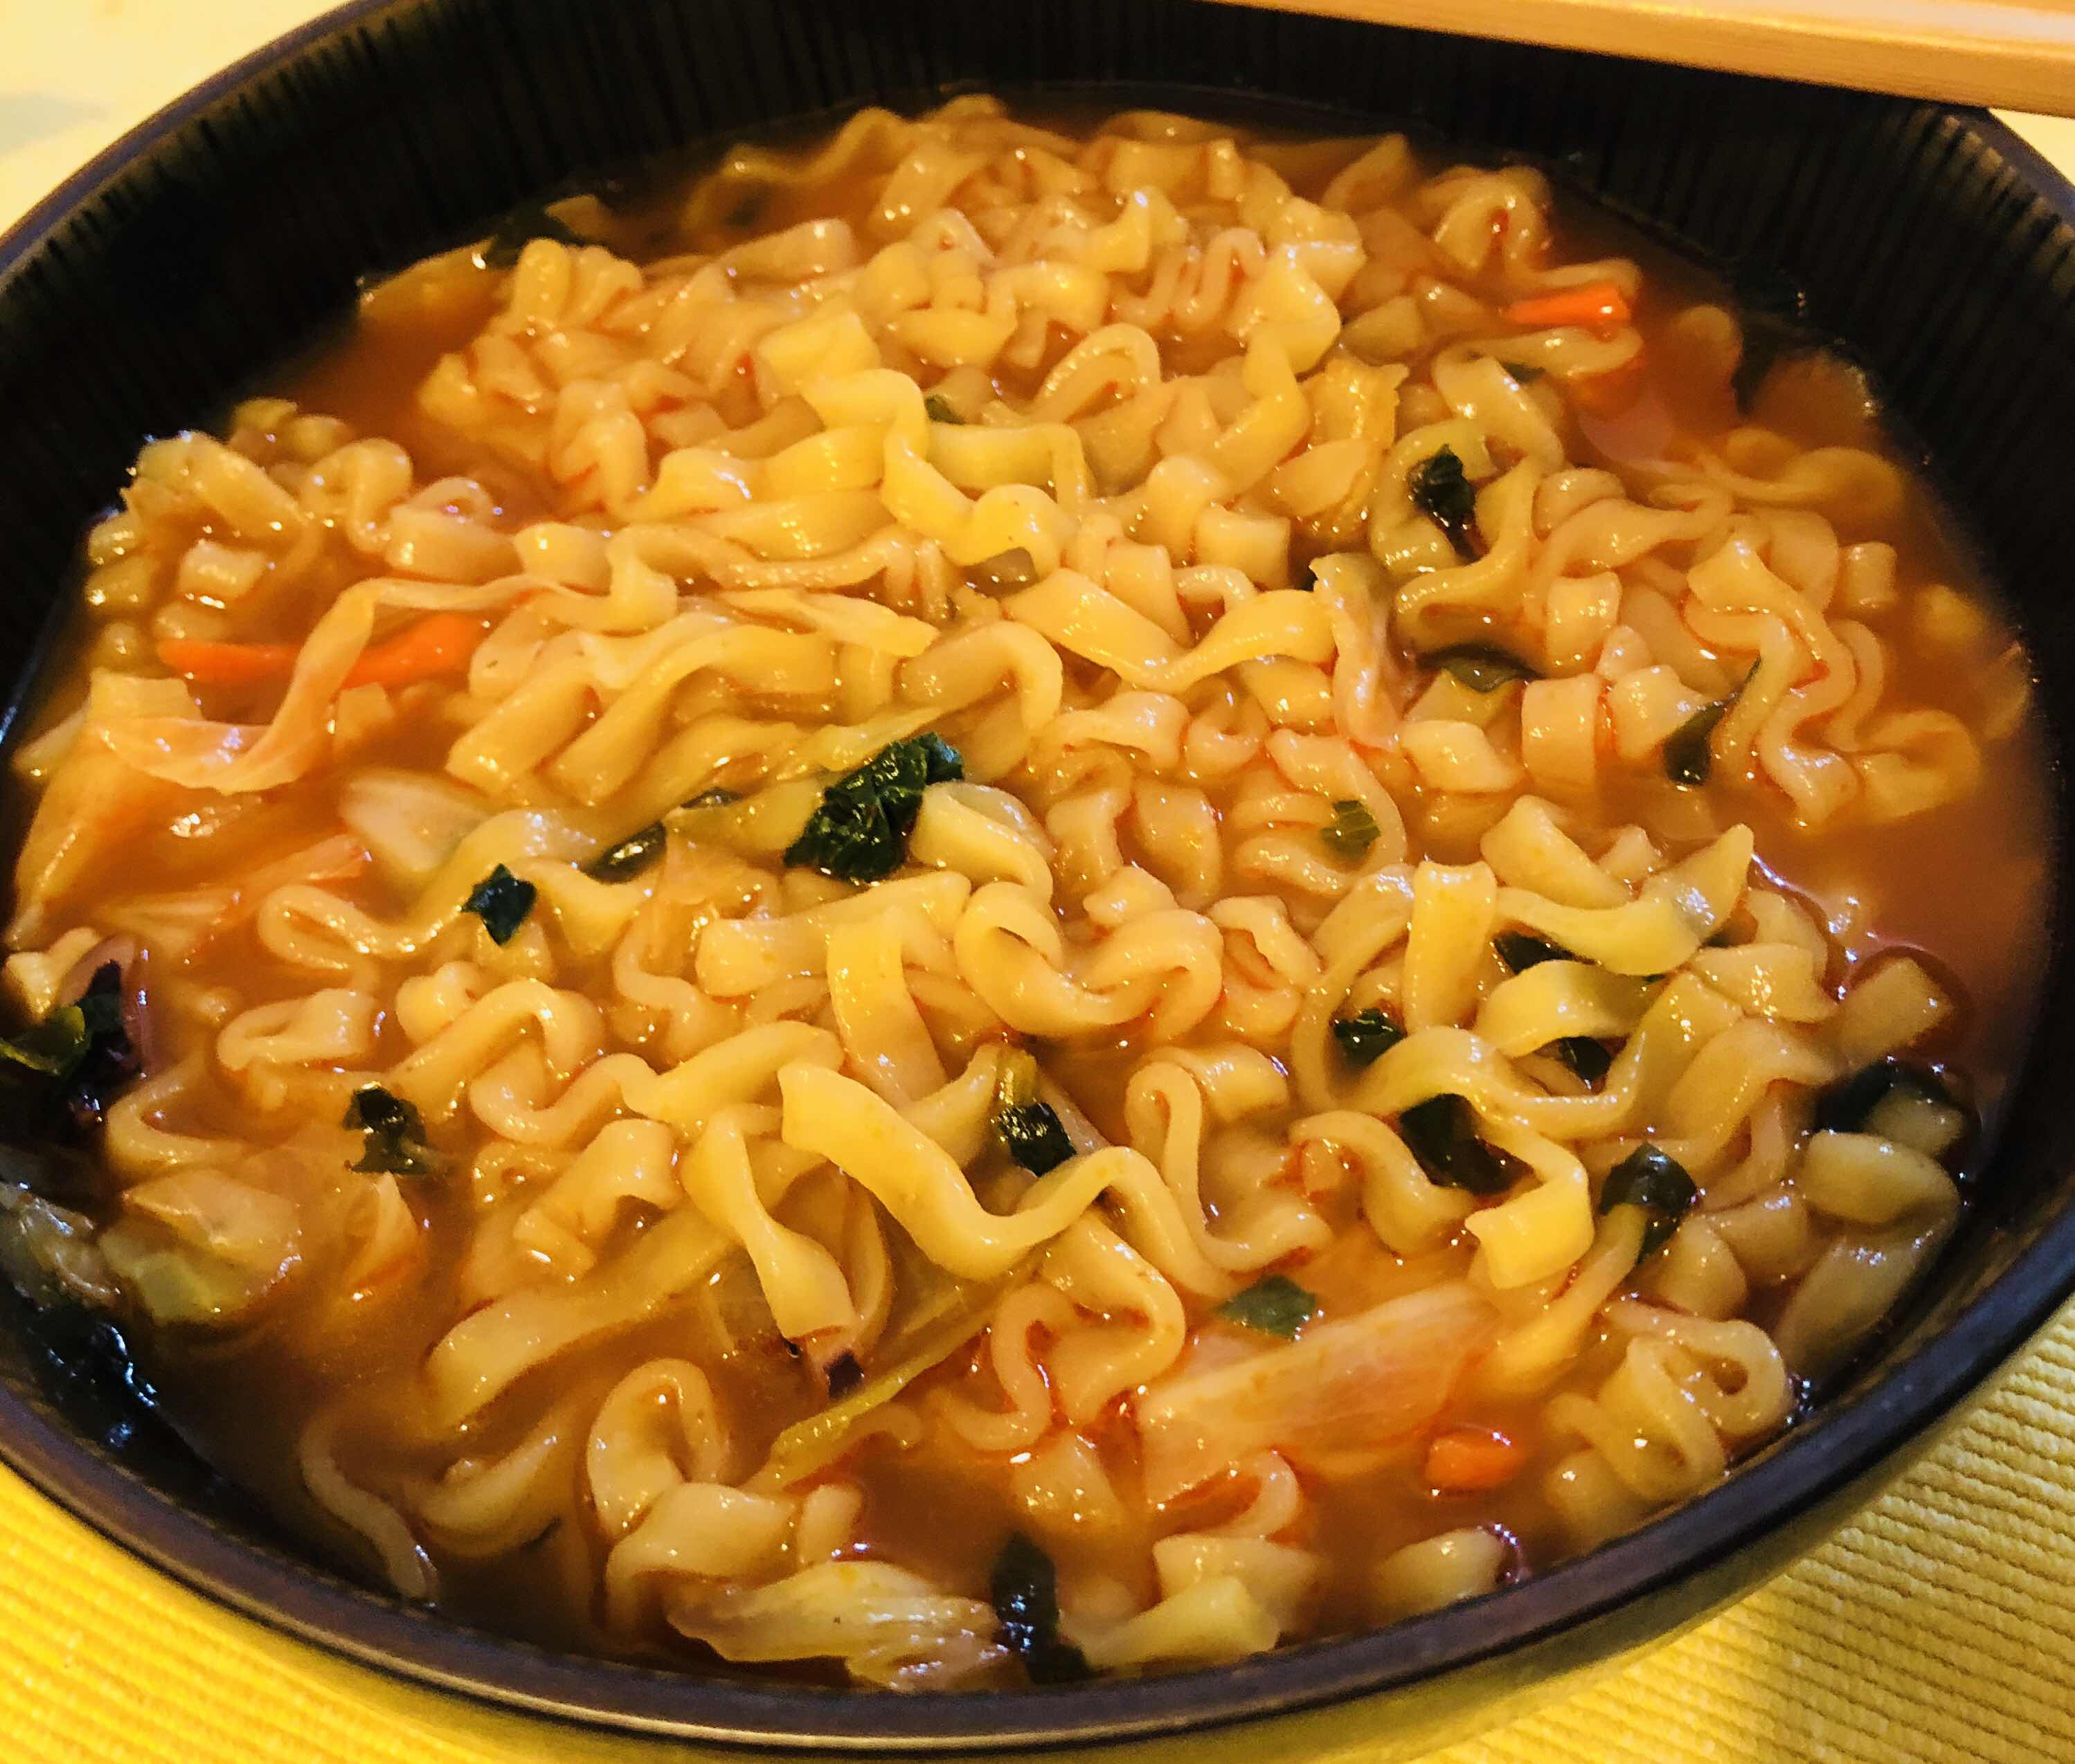 [心得] 不倒翁 金螃蟹海鮮風味拉麵。湯頭好喝微辣的泡麵。Costco購入